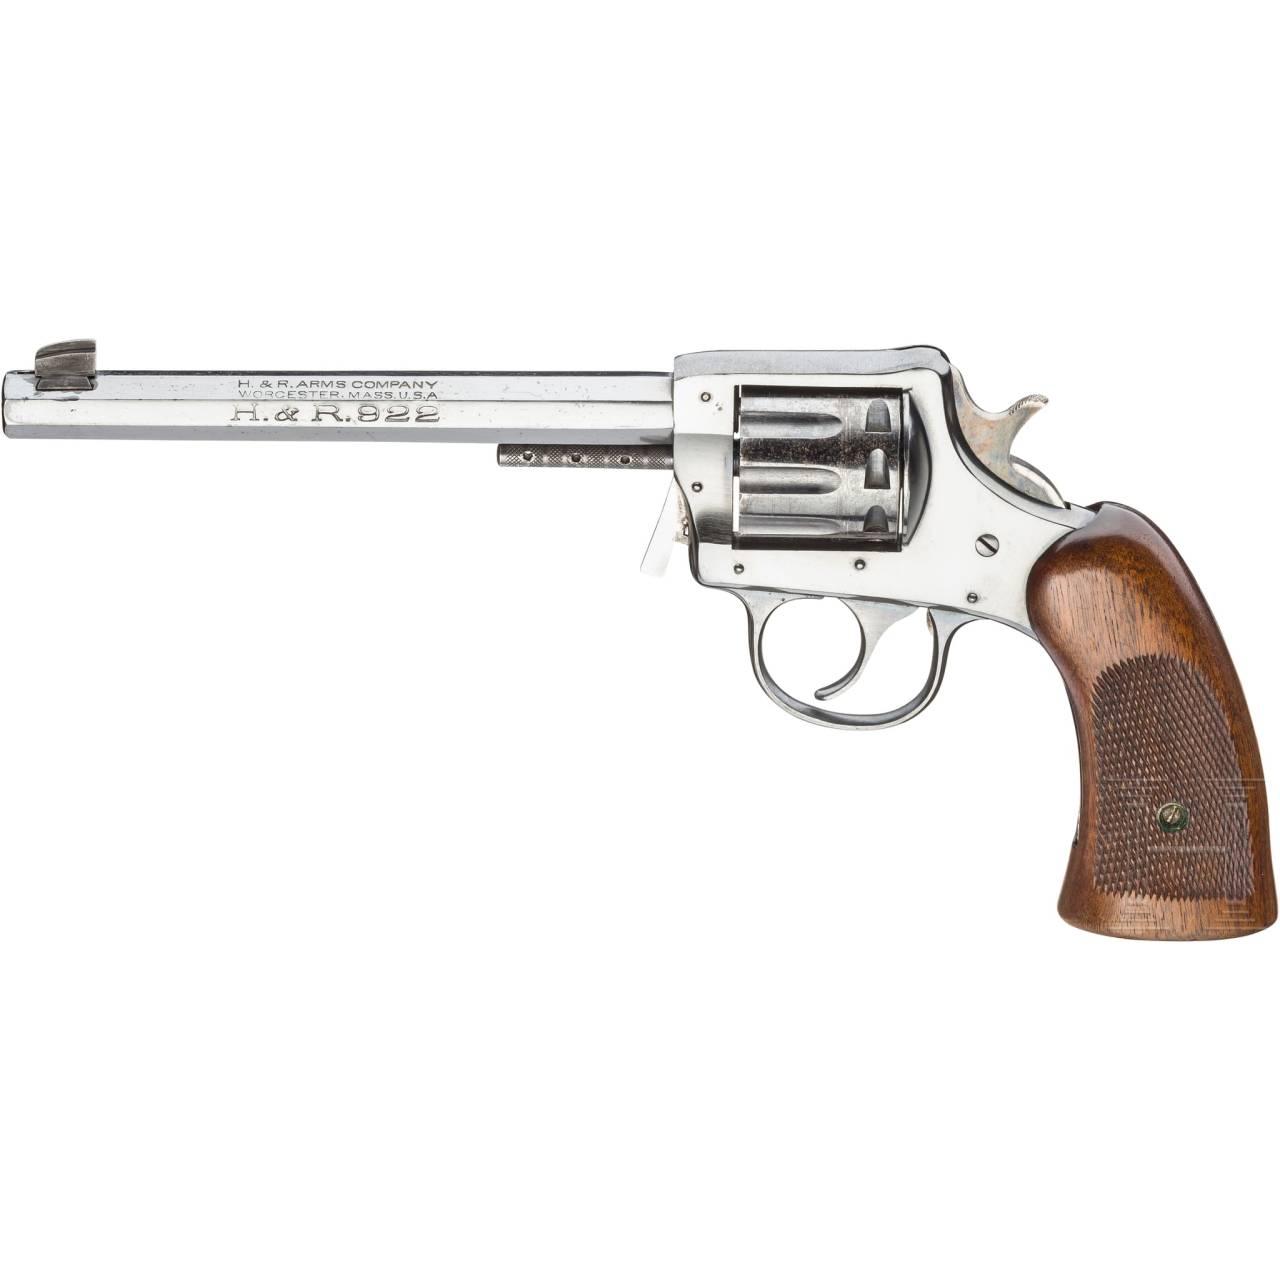 H & R Arms, Mod. 922